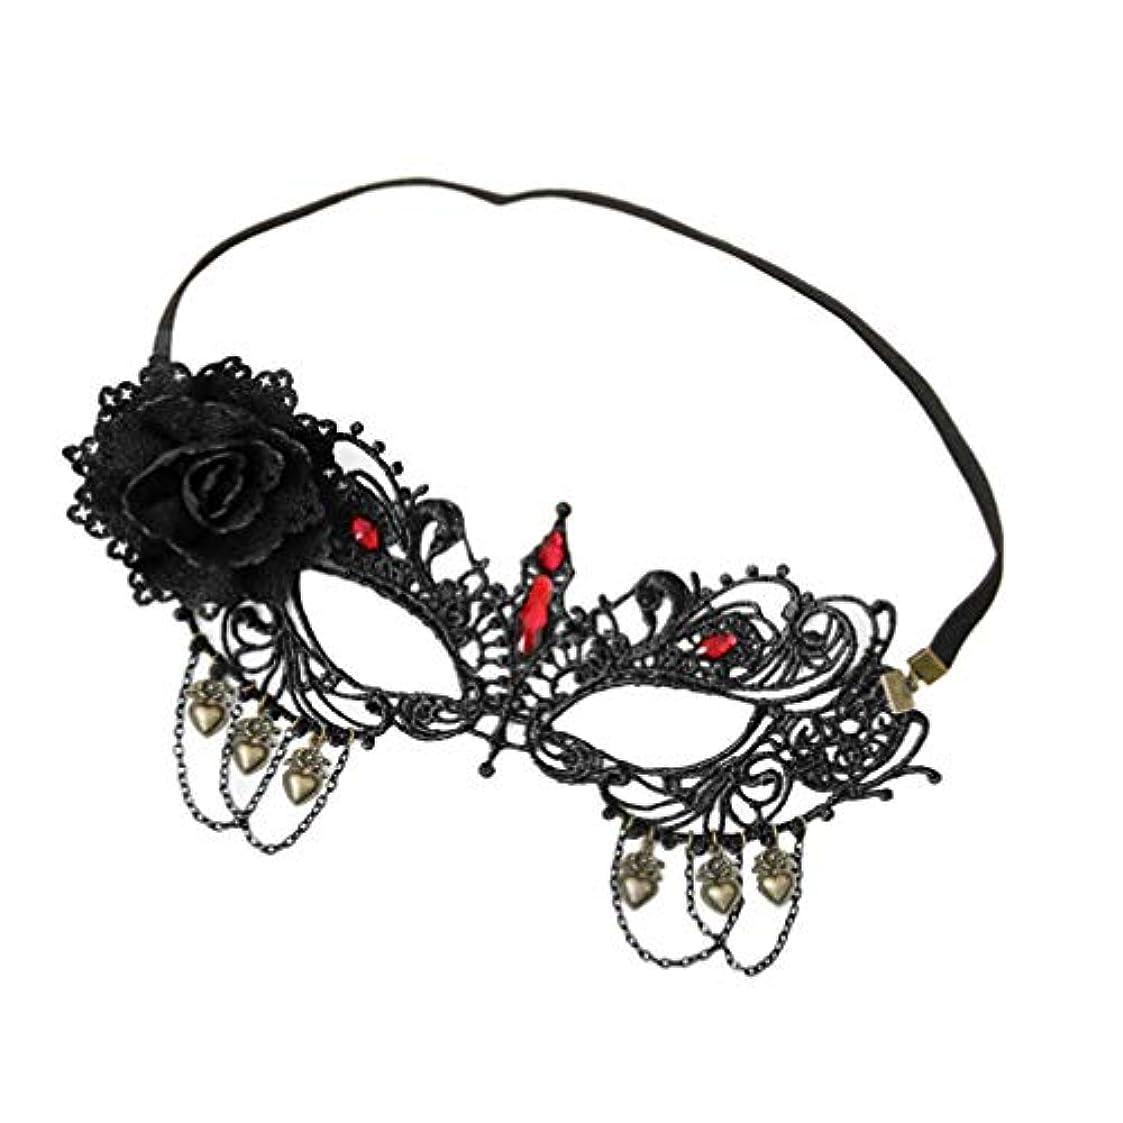 偽善奇跡的な漏れSUPVOX ラインストーン付きレースハーフフェイスマスクマスカレードパーティー仮装衣装ハロウィンのための花の調節可能なカットアウト